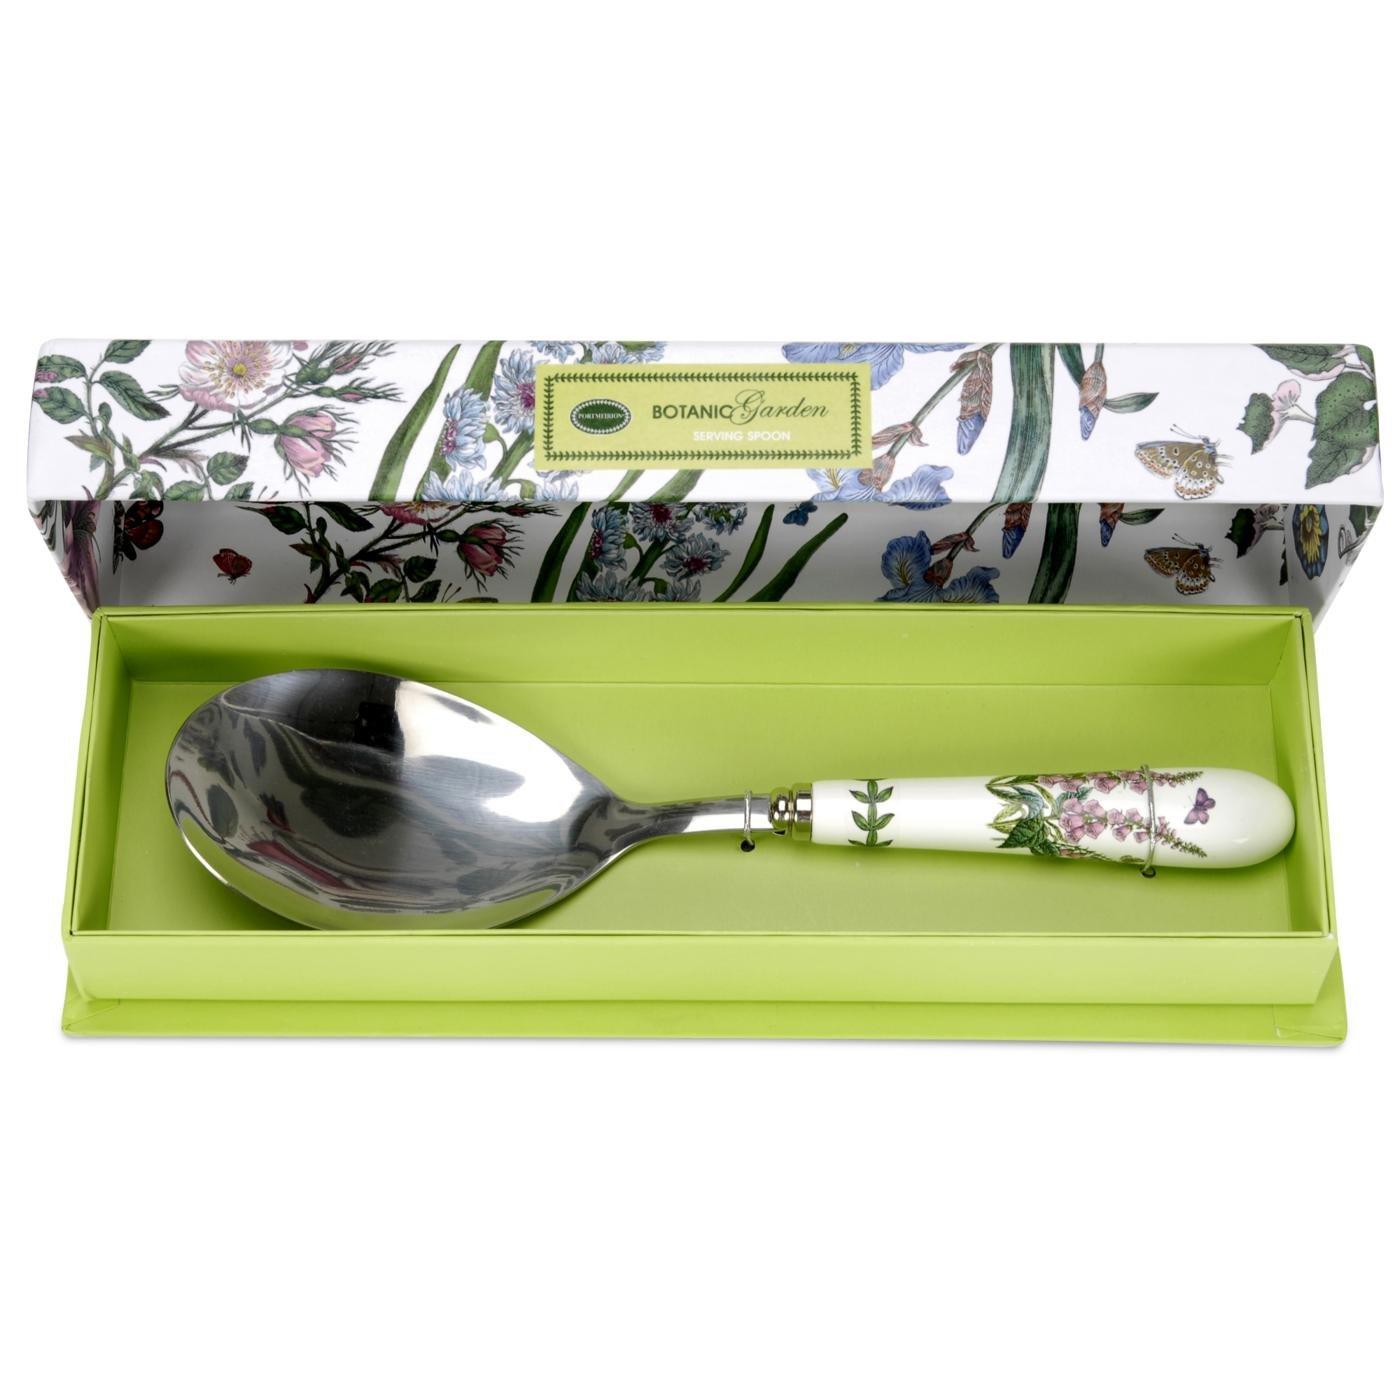 Portmeirion Botanic Garden Serving Spoon